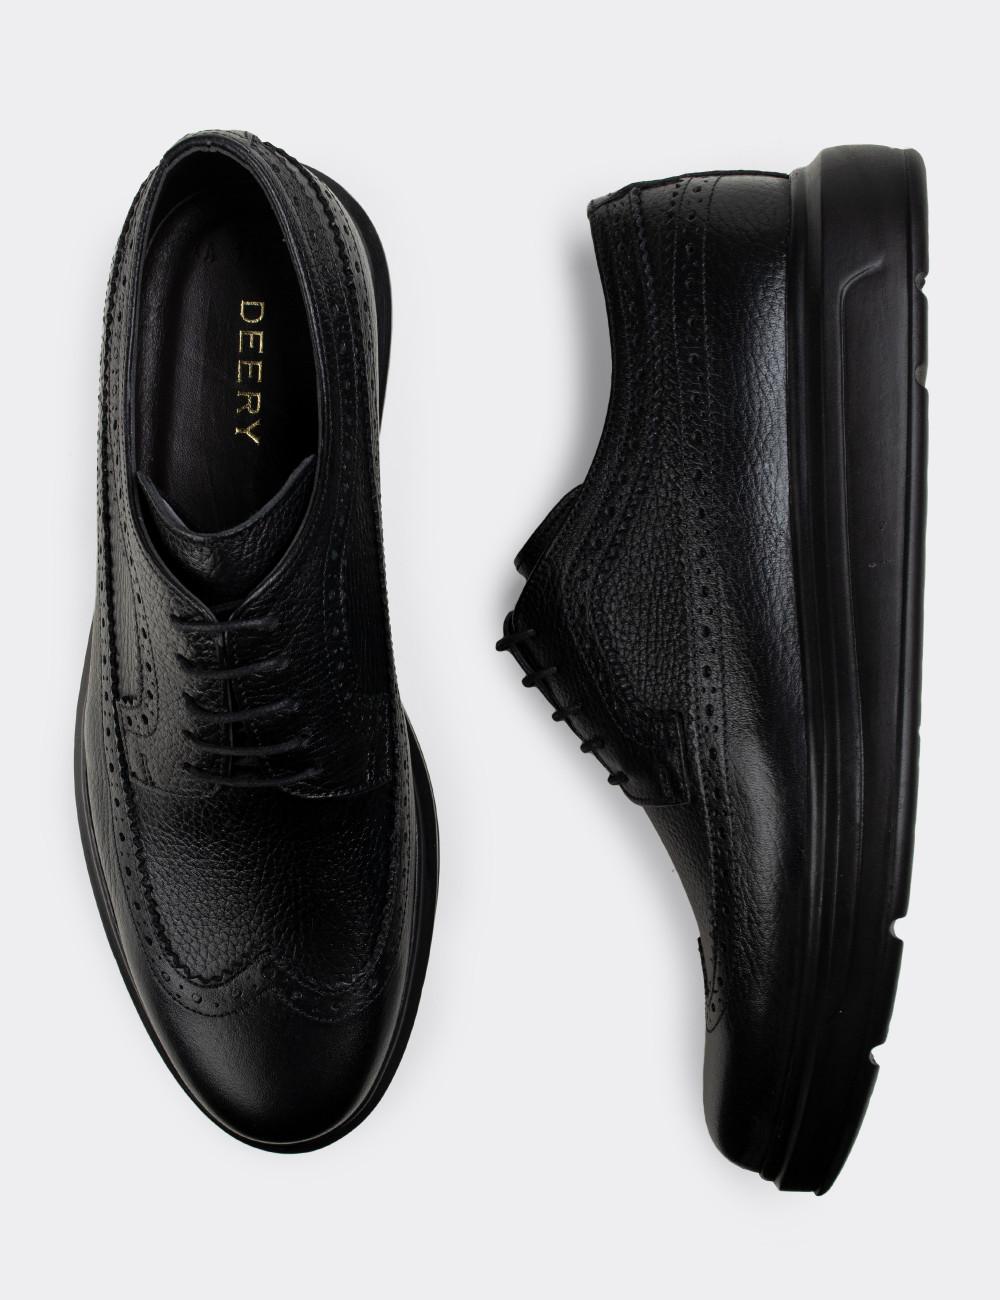 Hakiki Deri Siyah Comfort Günlük Erkek Ayakkabı - 01293MSYHP09